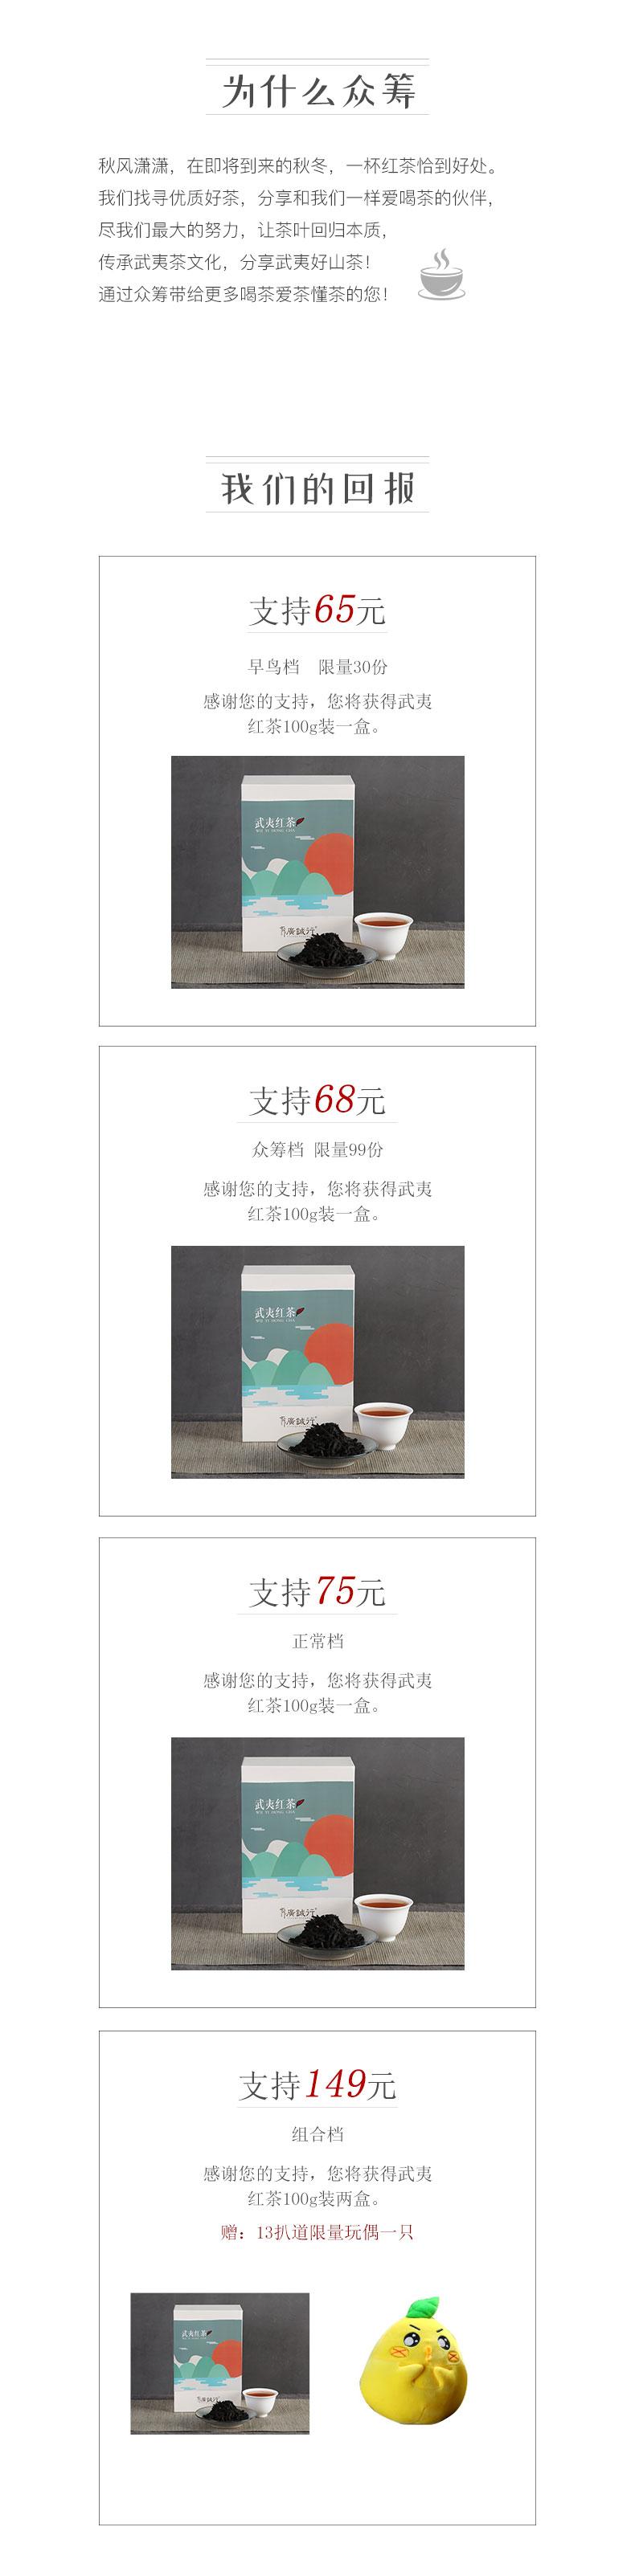 红茶2_13.jpg